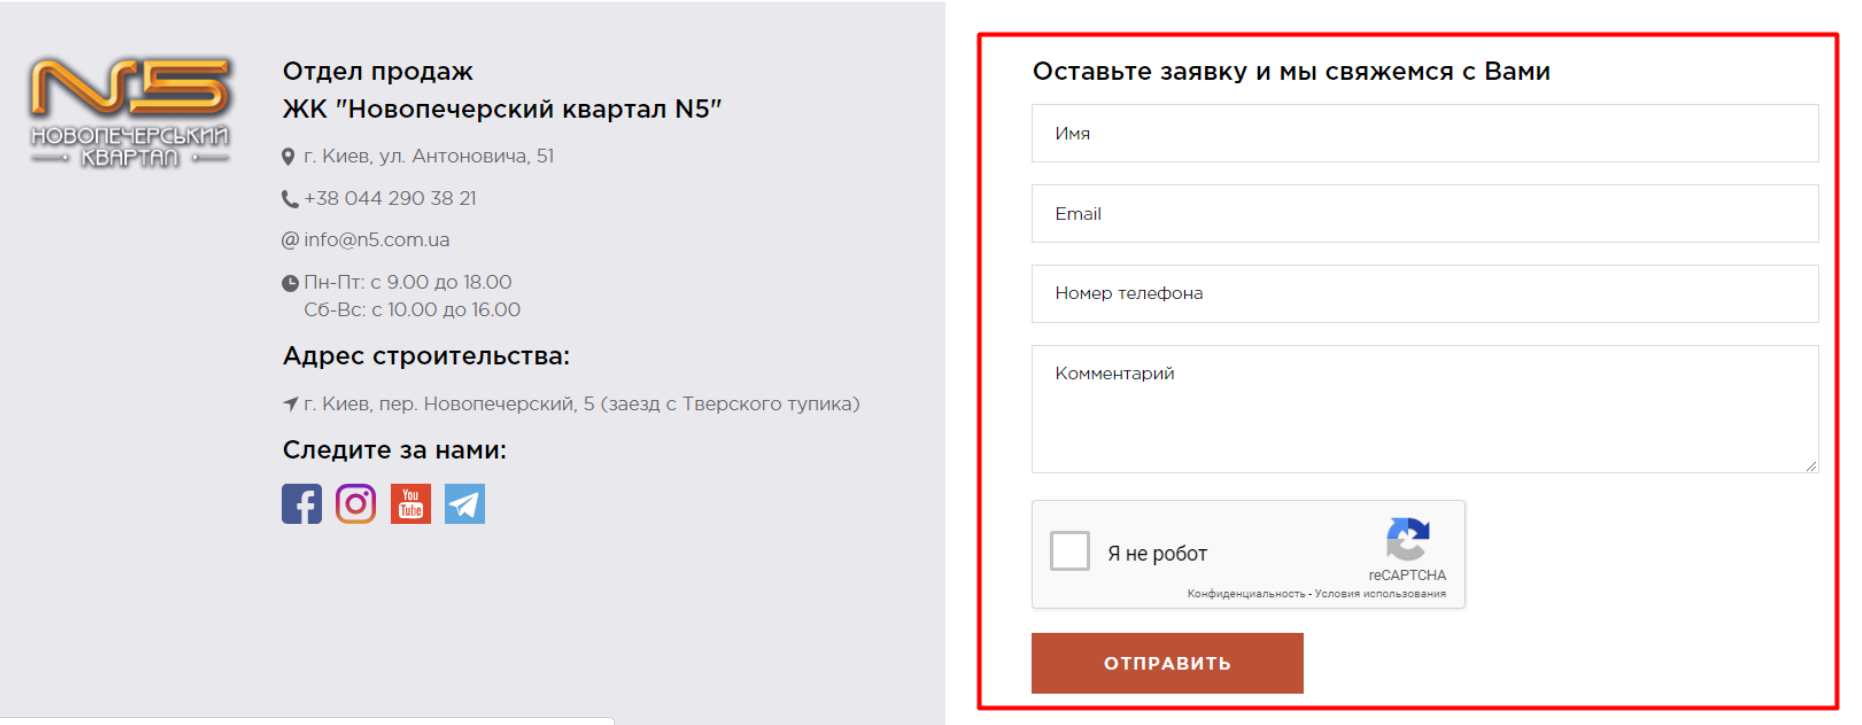 форма заявки на сайте жилого комплекса